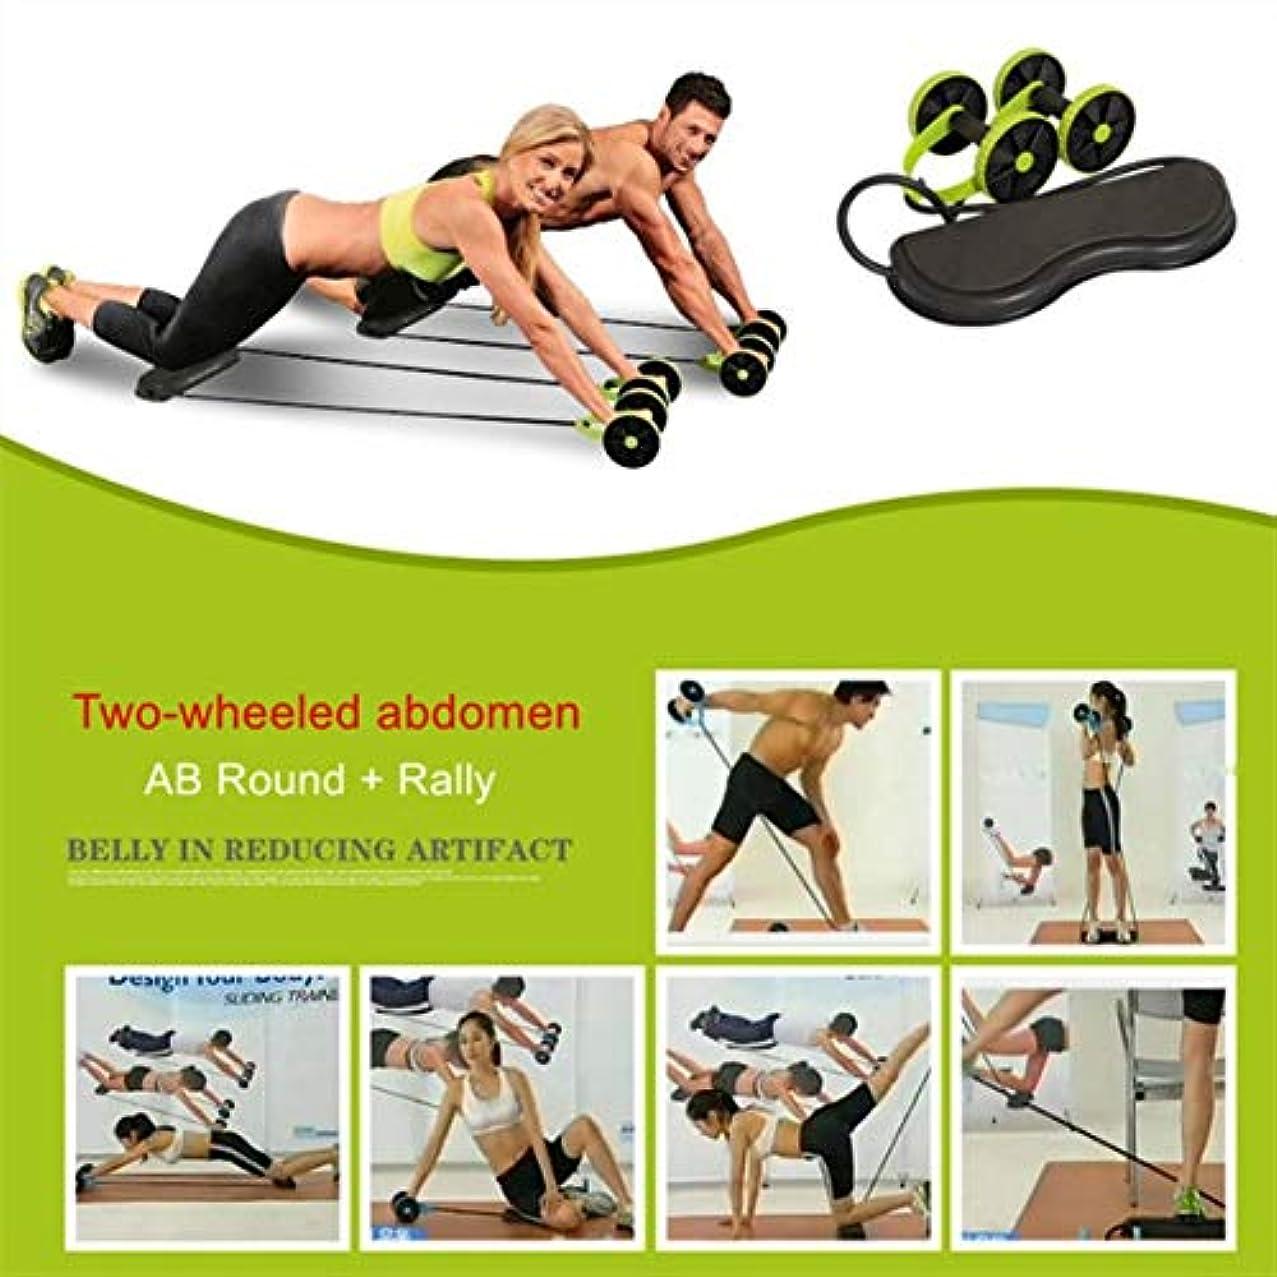 JS-04多機能腹輪腹筋輪腹輪テンションロープ筋肉トレーニングマシン(グリーン&ブラック)